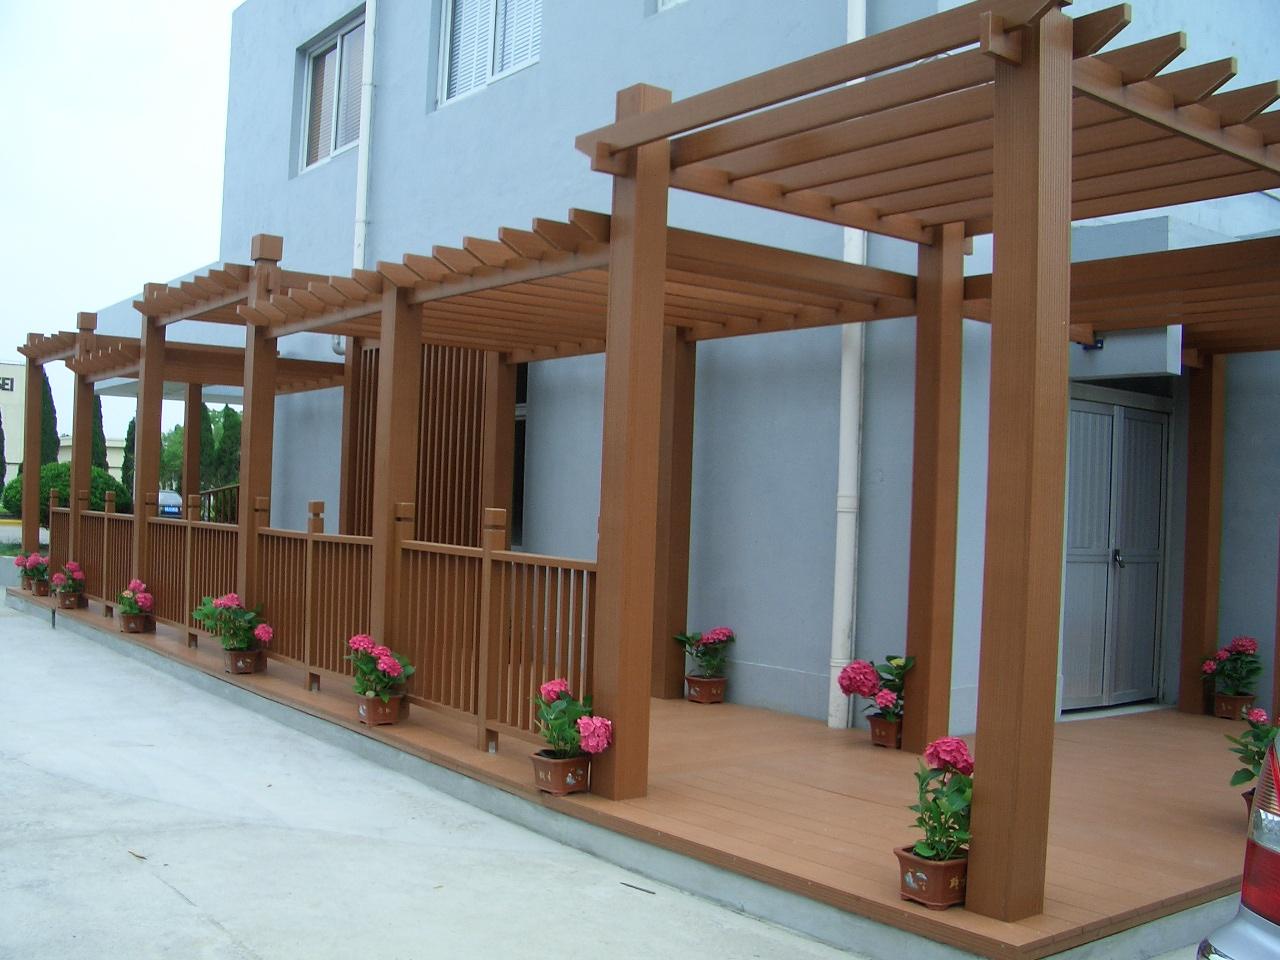 户外塑木葡萄架 庭院顶楼花园廊架 防腐木葡萄架 花架木塑长廊